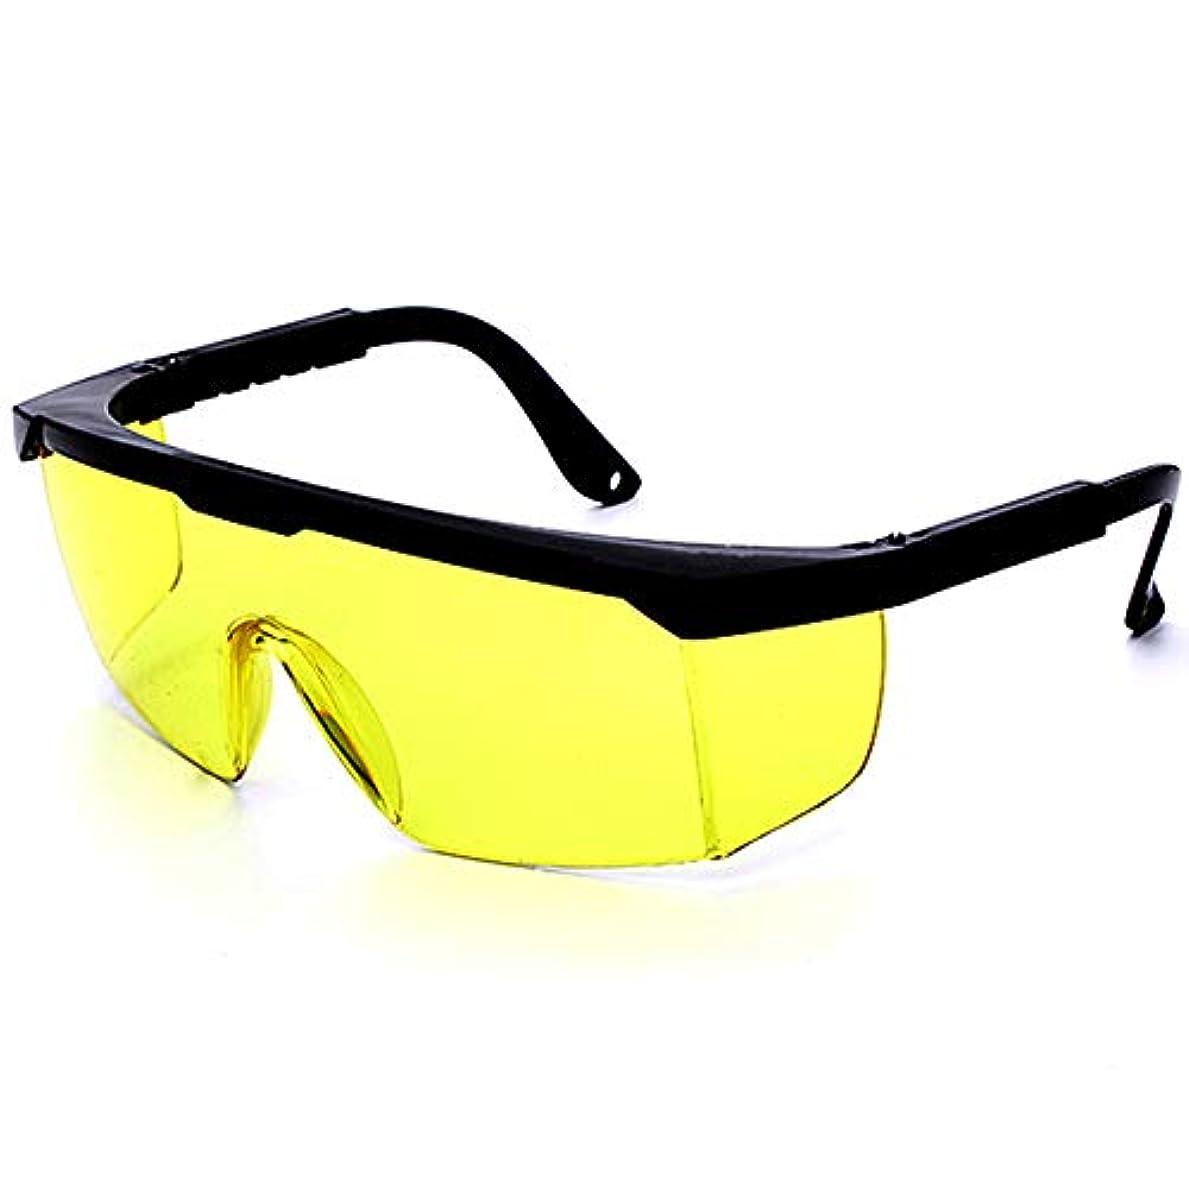 同盟親指フレットJiayaofu レーザー保護メガネIPL美容機器メガネレーザーペアIPLメガネ、安全メガネ